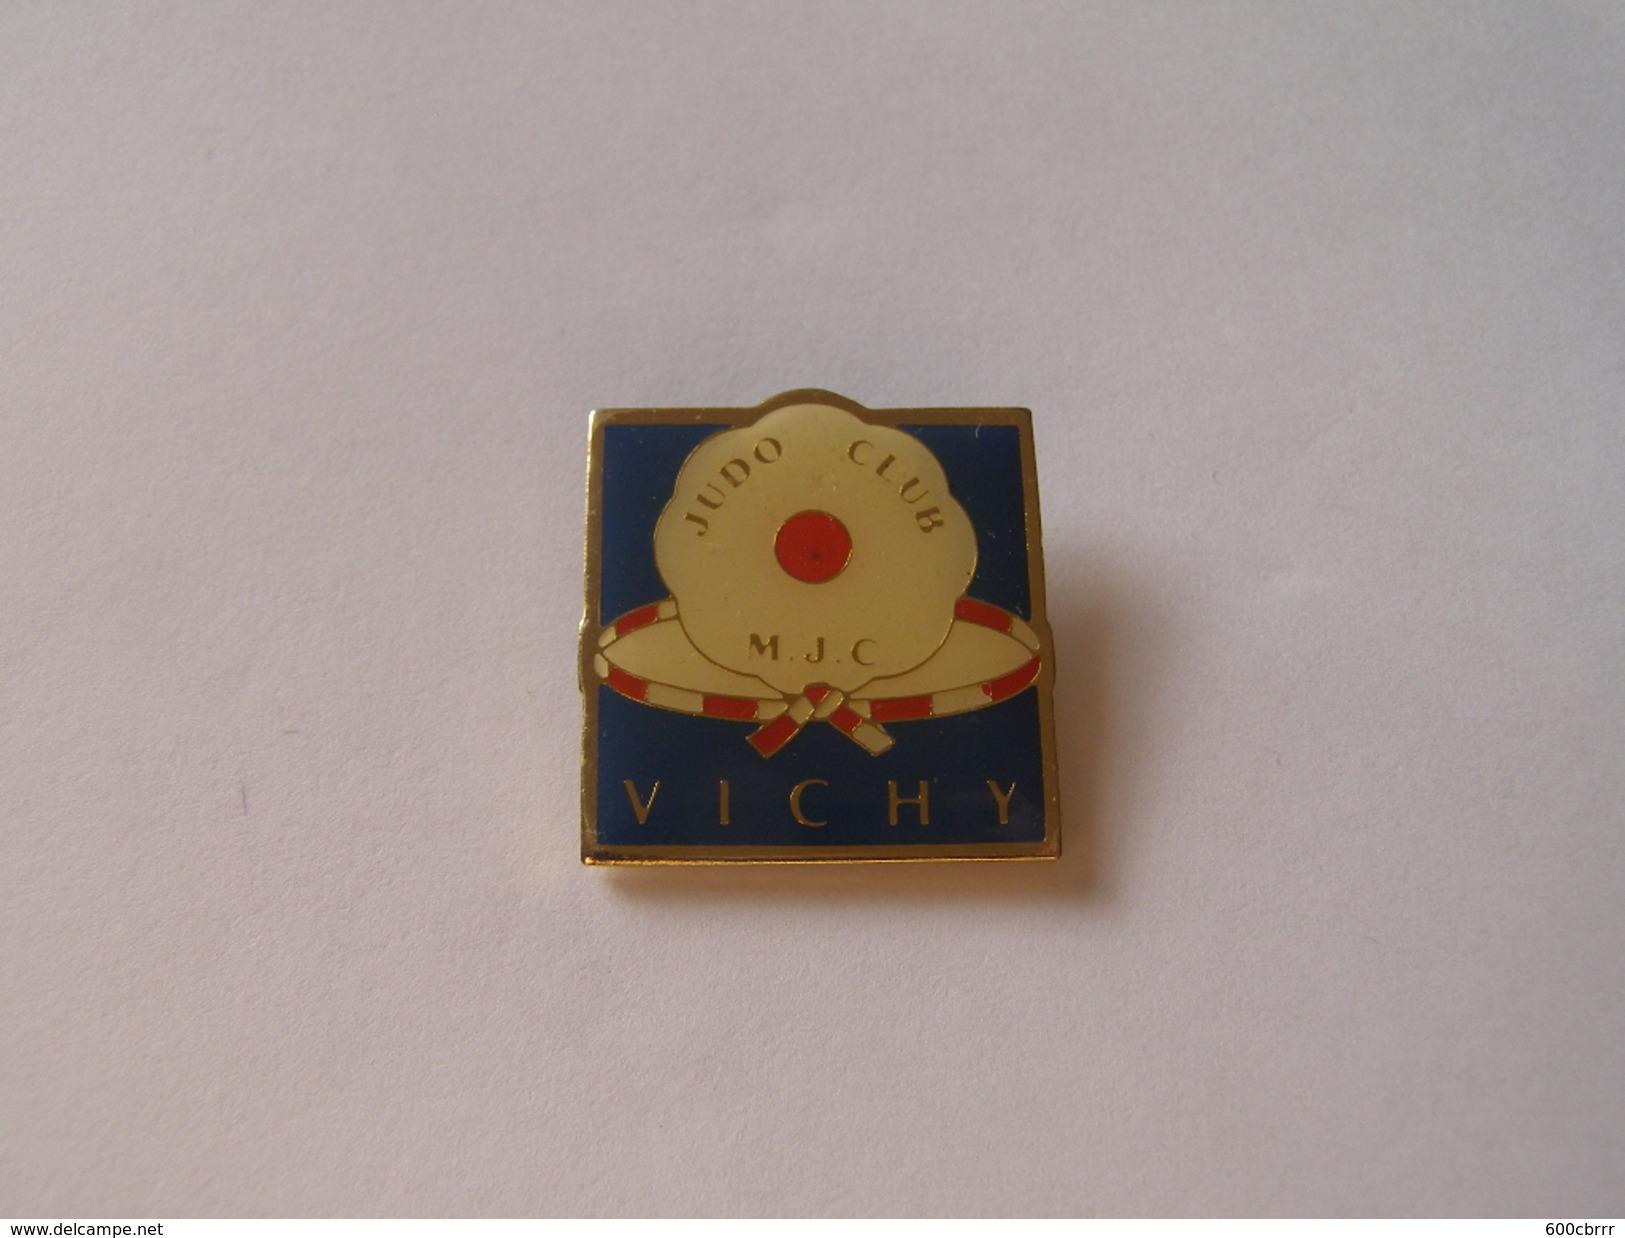 Pins Judo Club Vichy M.J.C - Judo